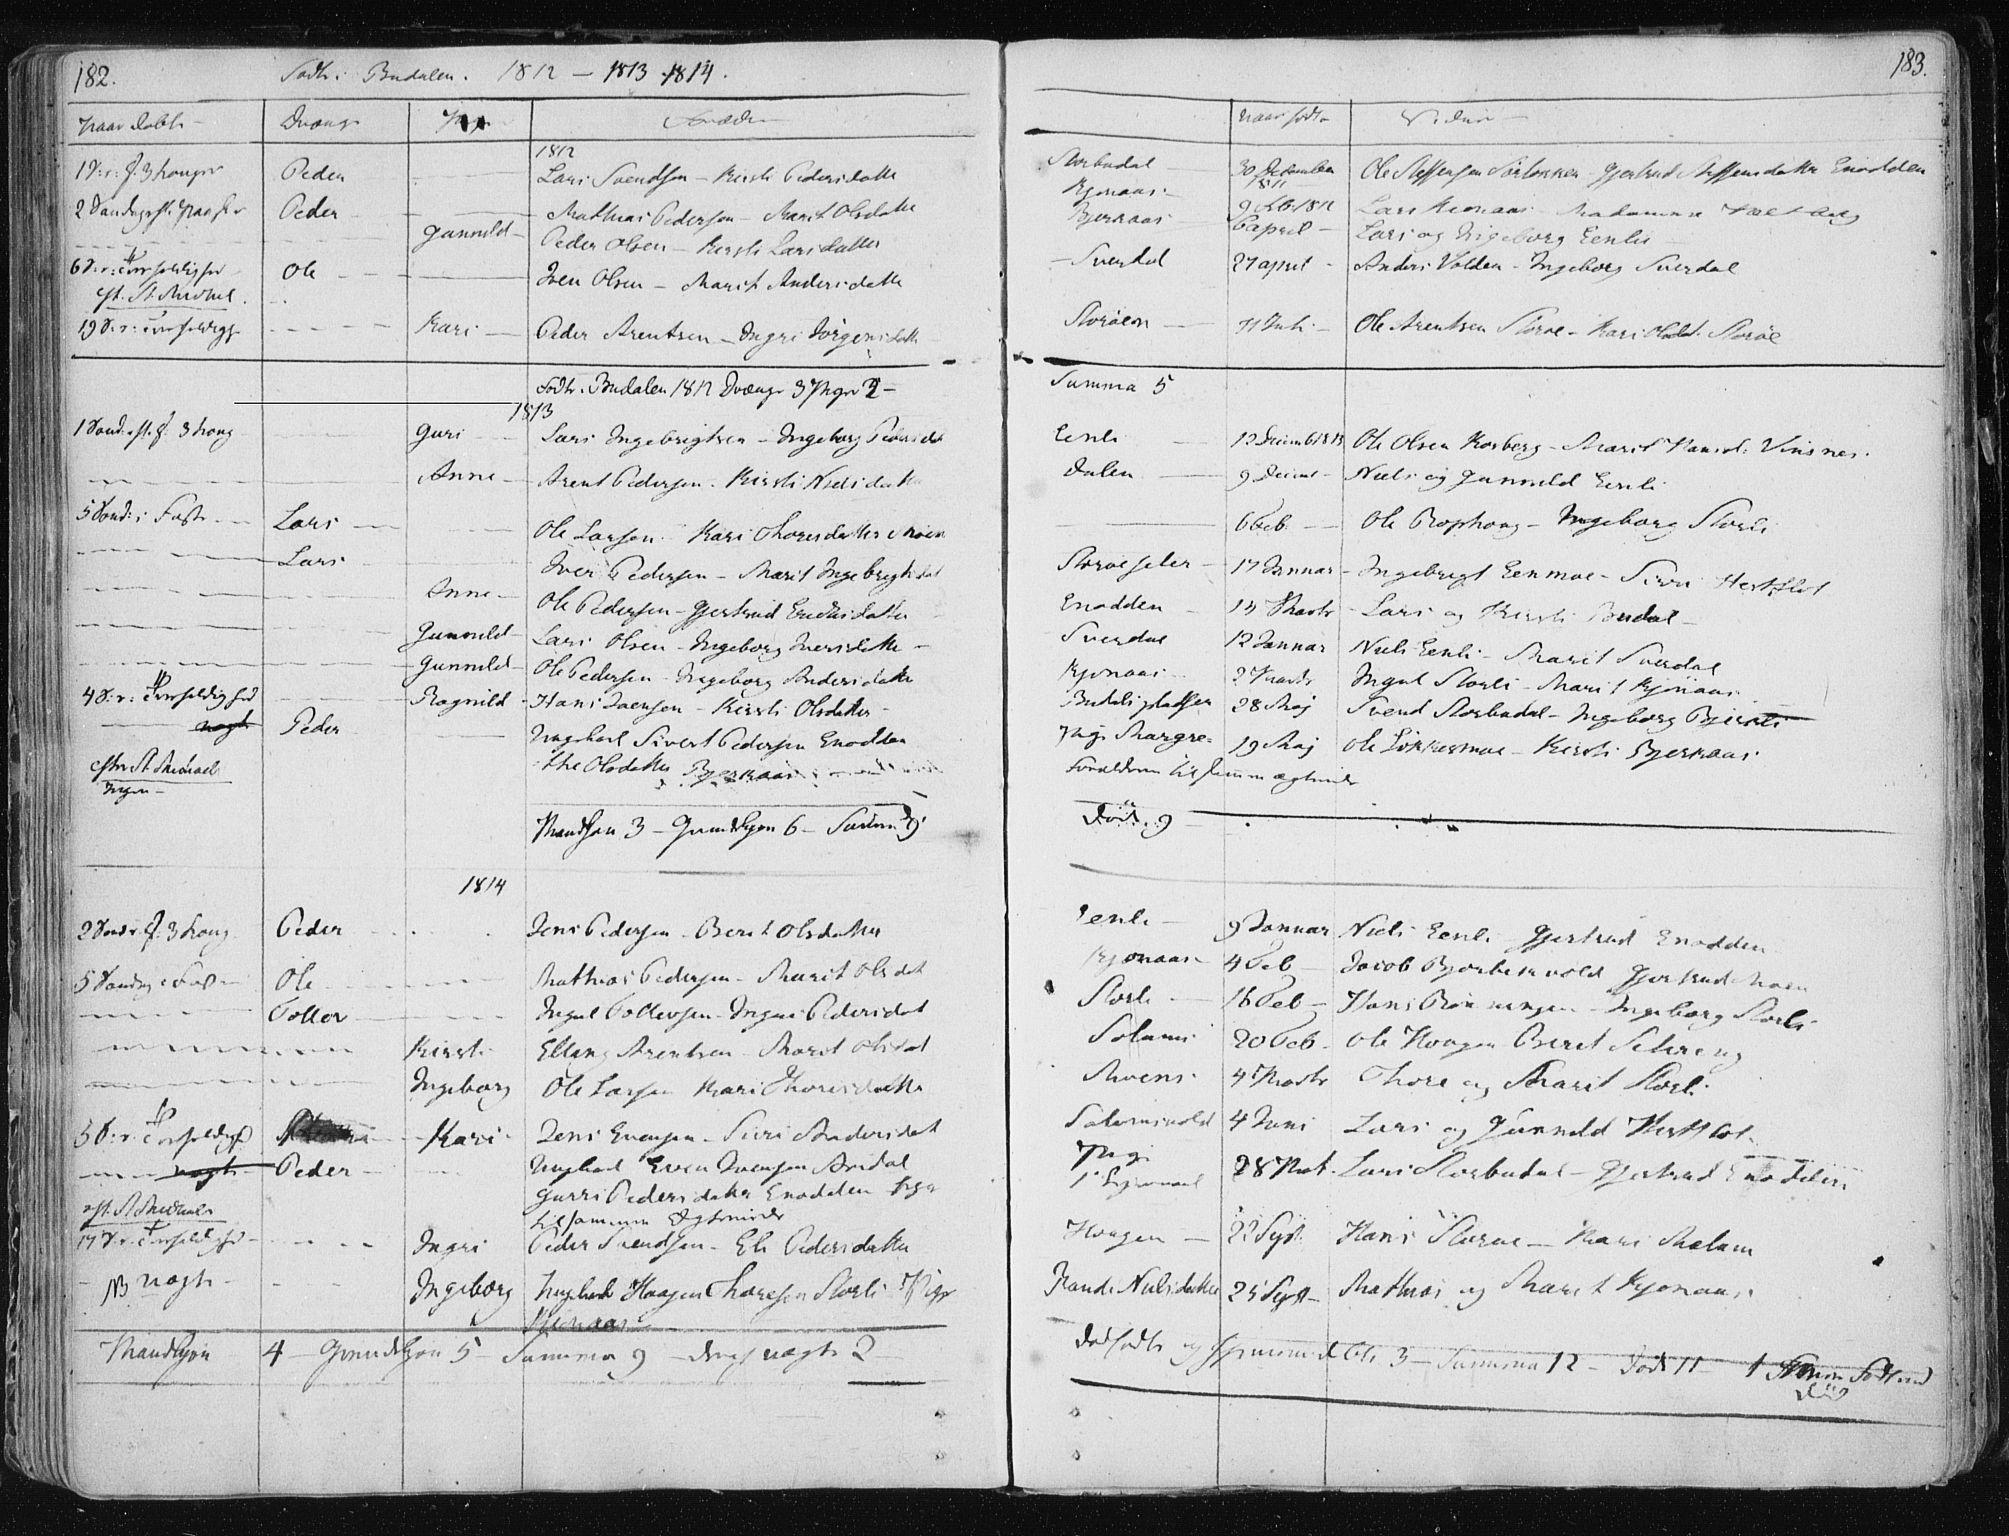 SAT, Ministerialprotokoller, klokkerbøker og fødselsregistre - Sør-Trøndelag, 687/L0995: Ministerialbok nr. 687A03 /4, 1788-1815, s. 182-183